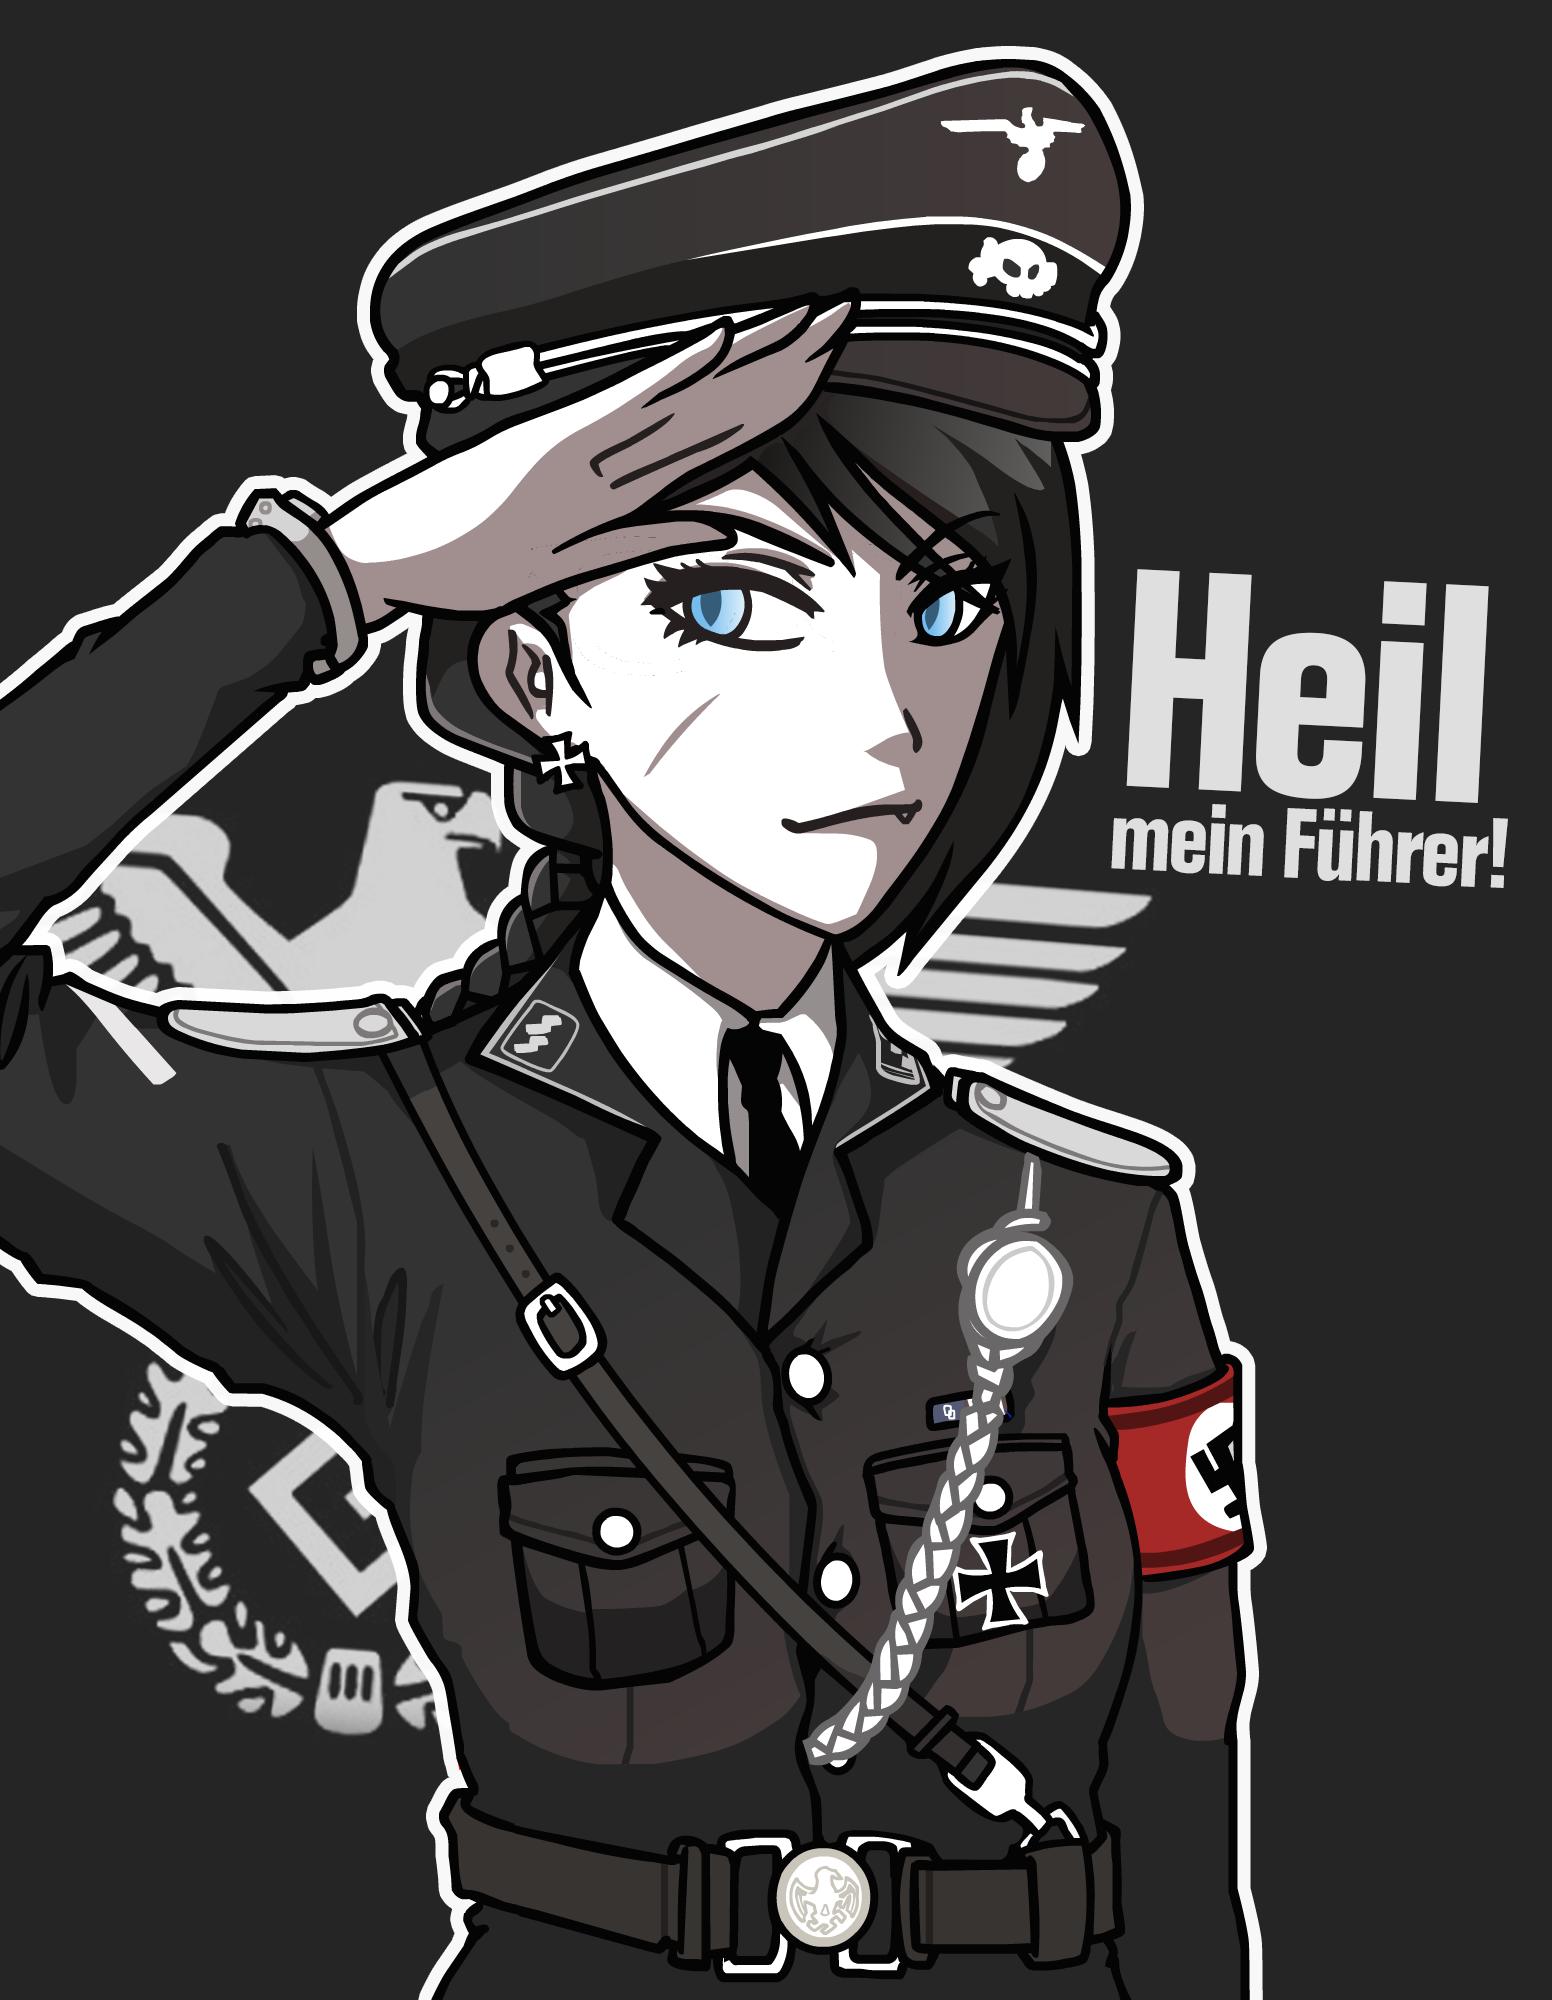 Heil mein Führer!